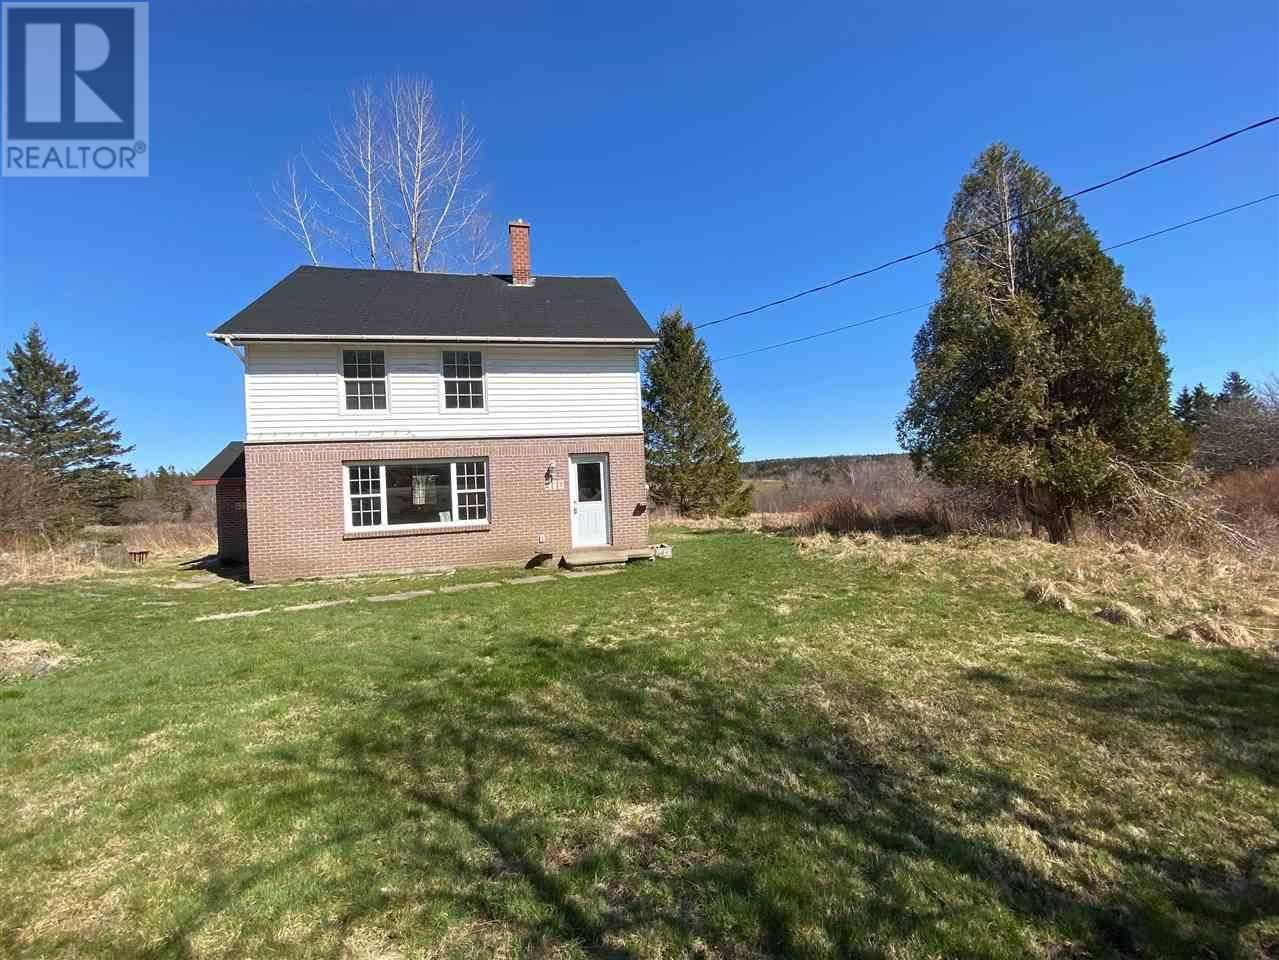 House for sale at 310 Leighton St Hebron Nova Scotia - MLS: 202003281